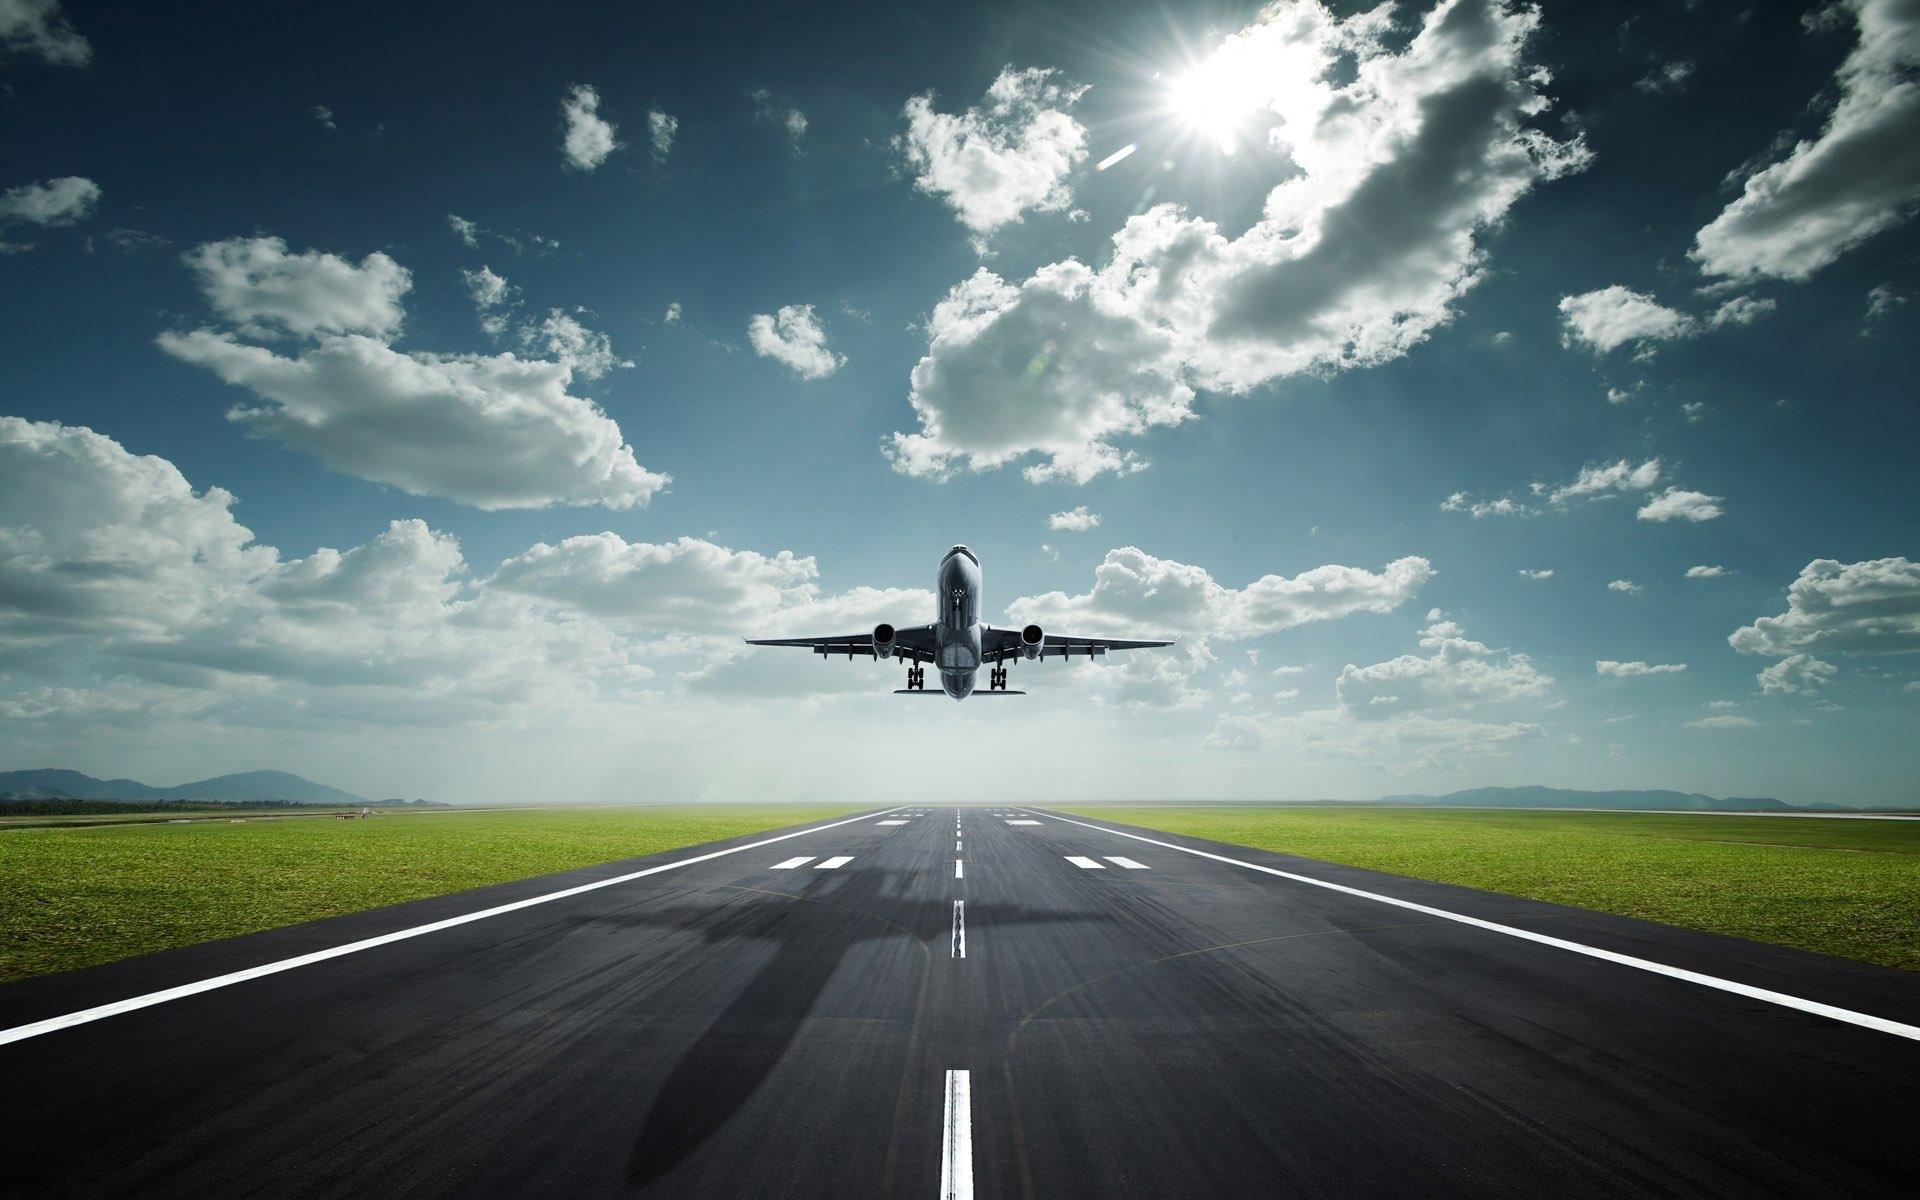 27276 скачать обои Самолеты, Транспорт, Небо, Облака - заставки и картинки бесплатно